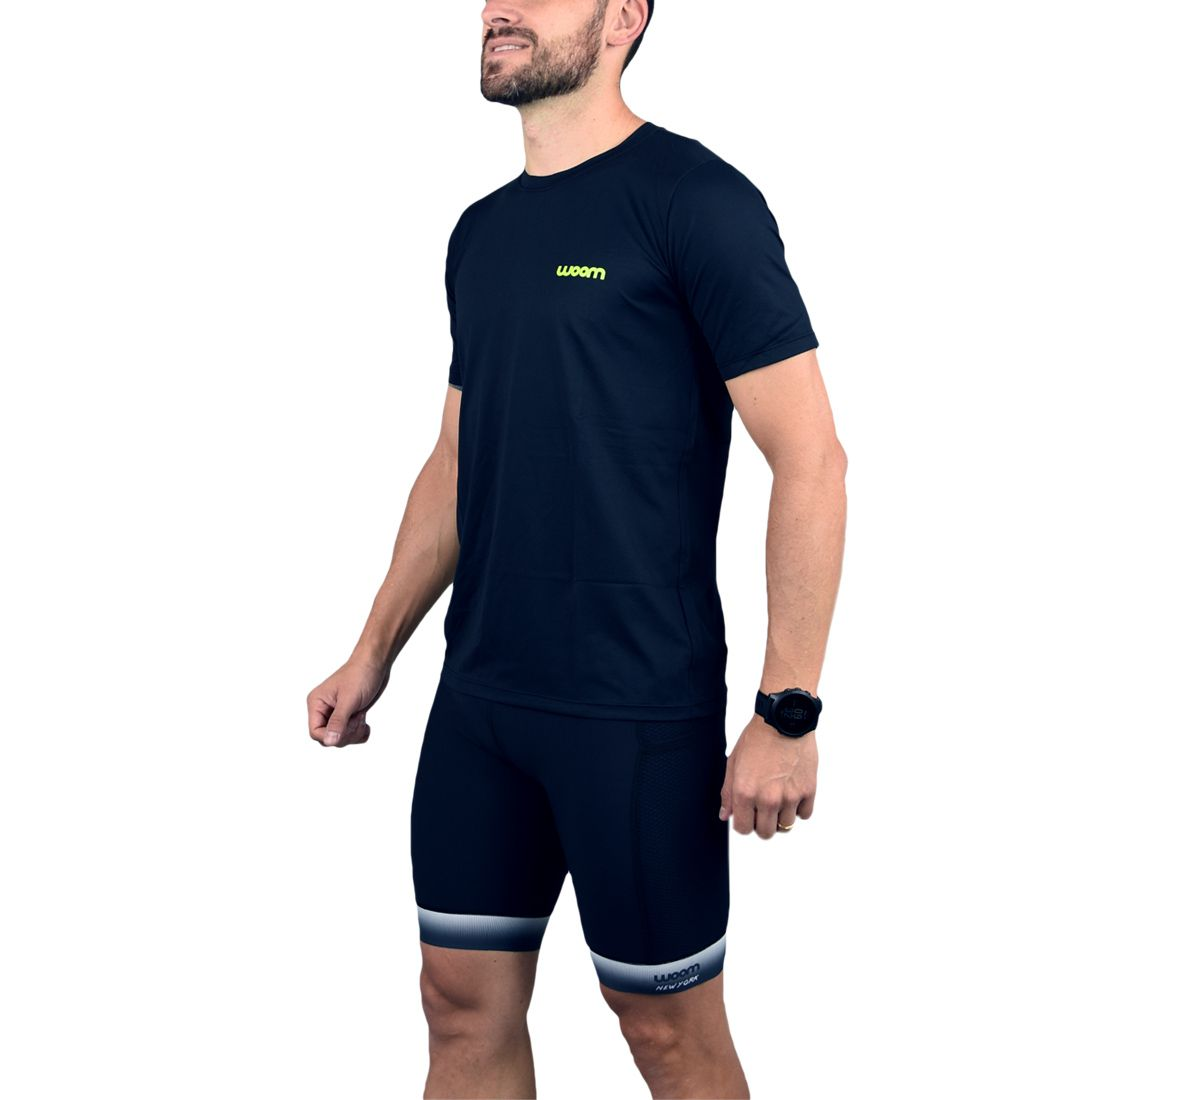 Camiseta Running Masc - Tucker - Preto e Verde